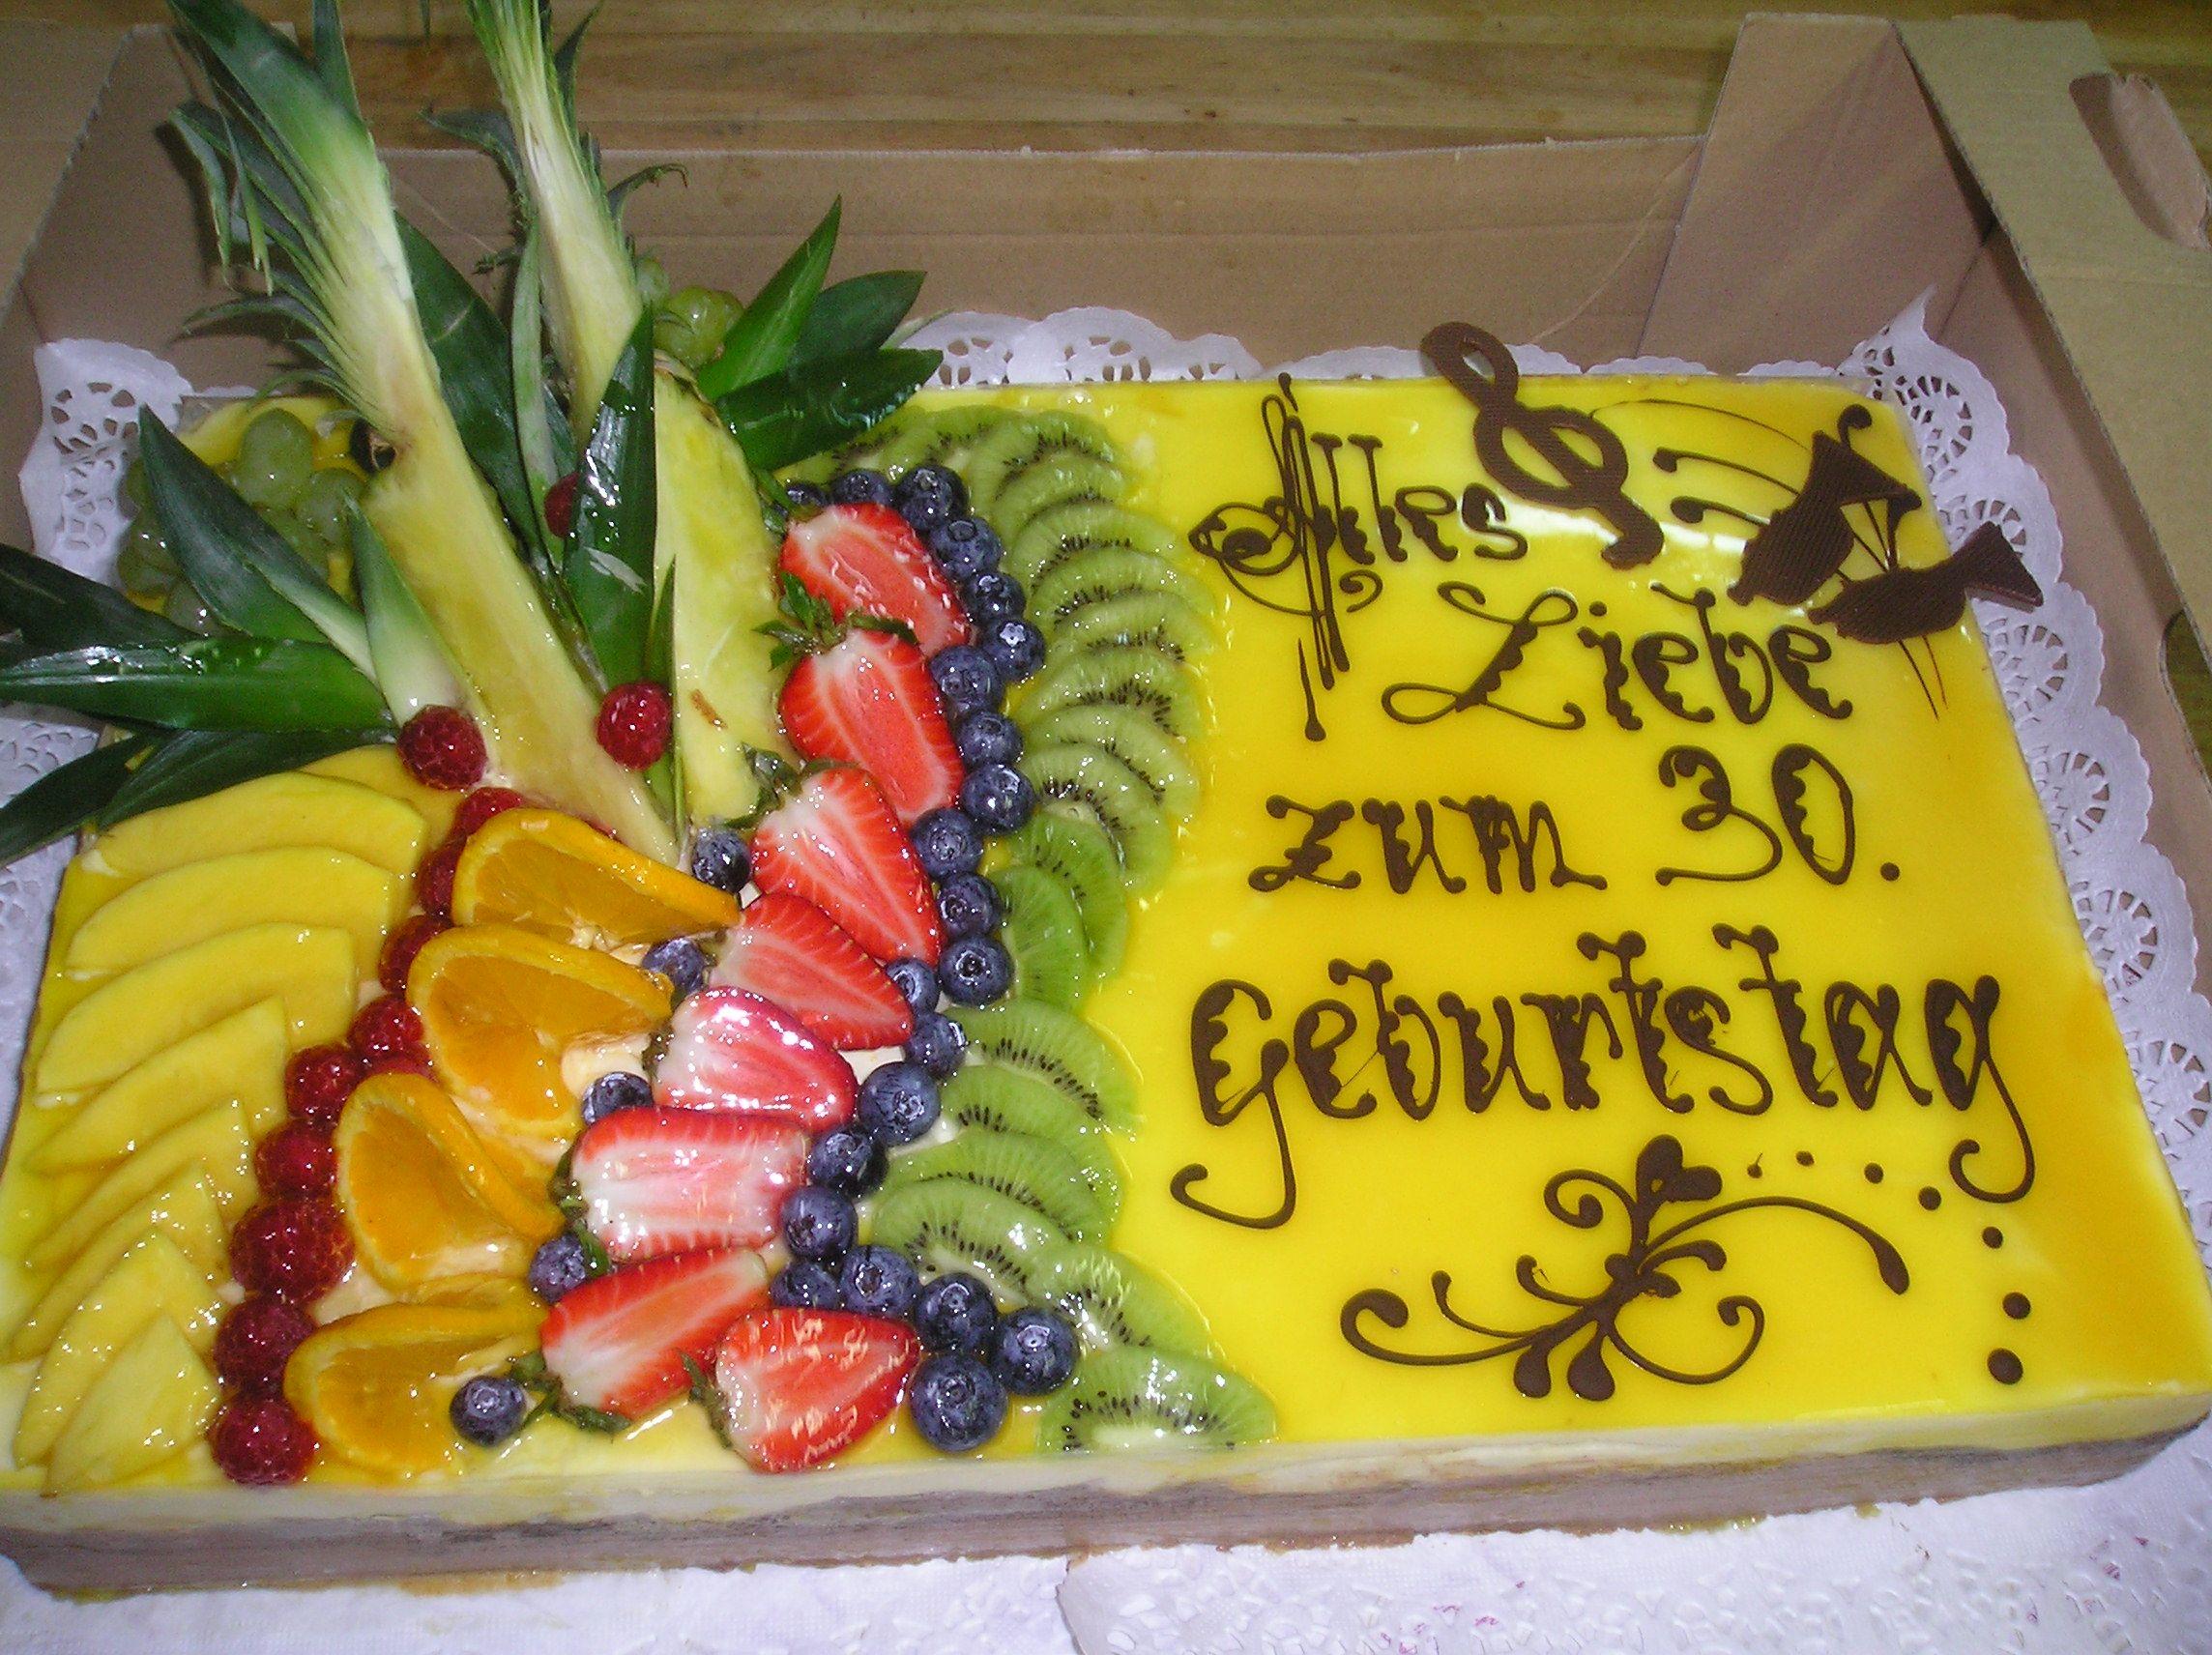 Obst Ist Gesund Darum Am Besten Zum 30er Viel Obst Auf Die